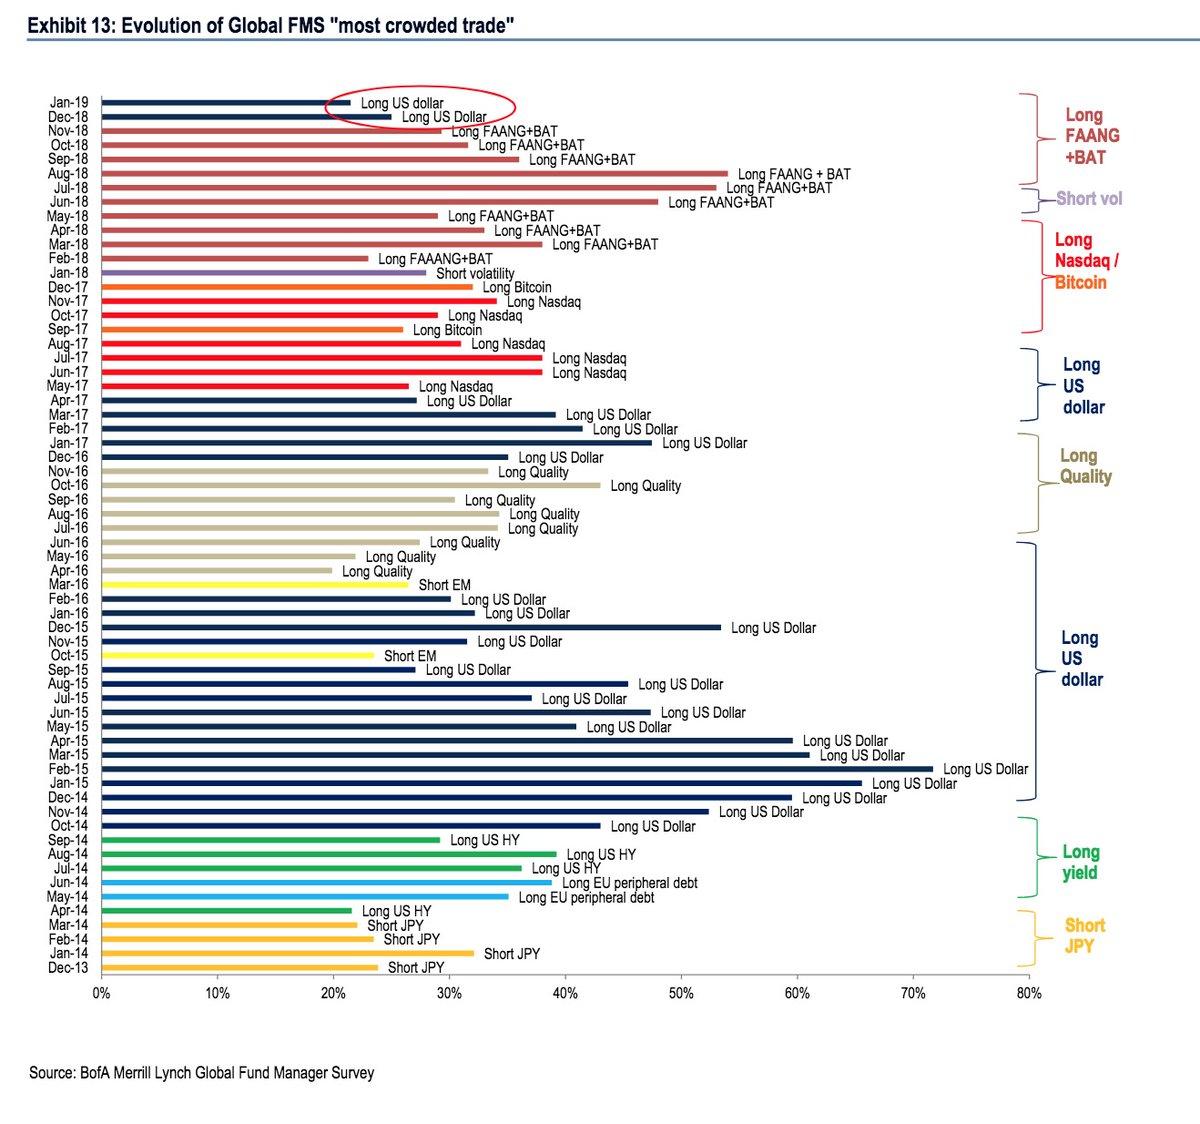 美银调查:做多美元蝉联最拥挤交易 贸易战仍是最大尾部风险_中国外汇交易数据下载